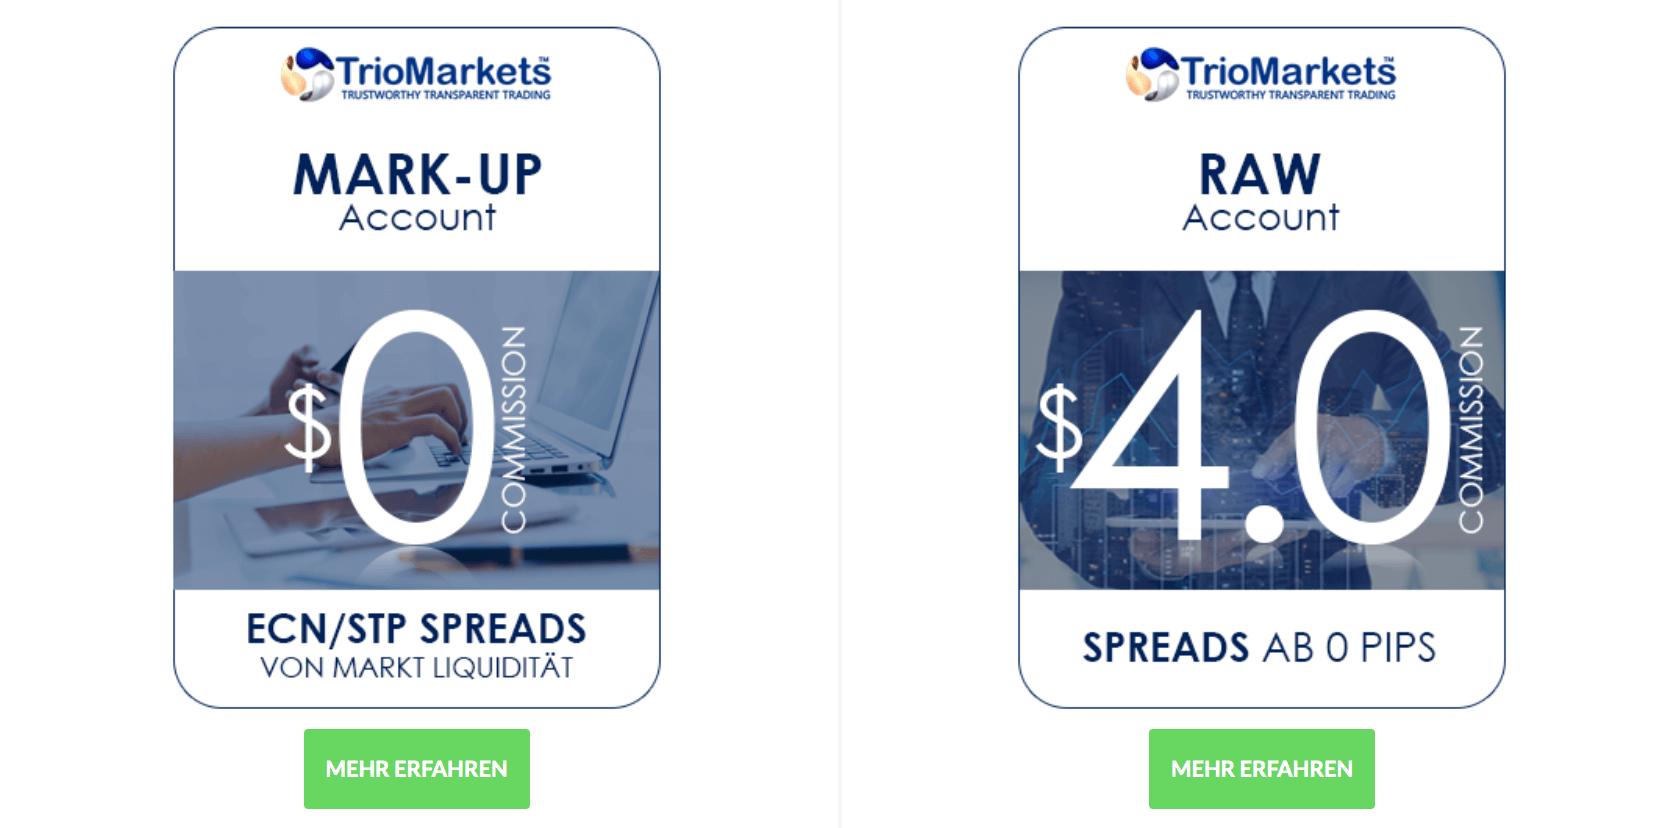 TrioMarkets lässt seinen Kunden die Wahl - die Spreads beginnen bei 0 Pips